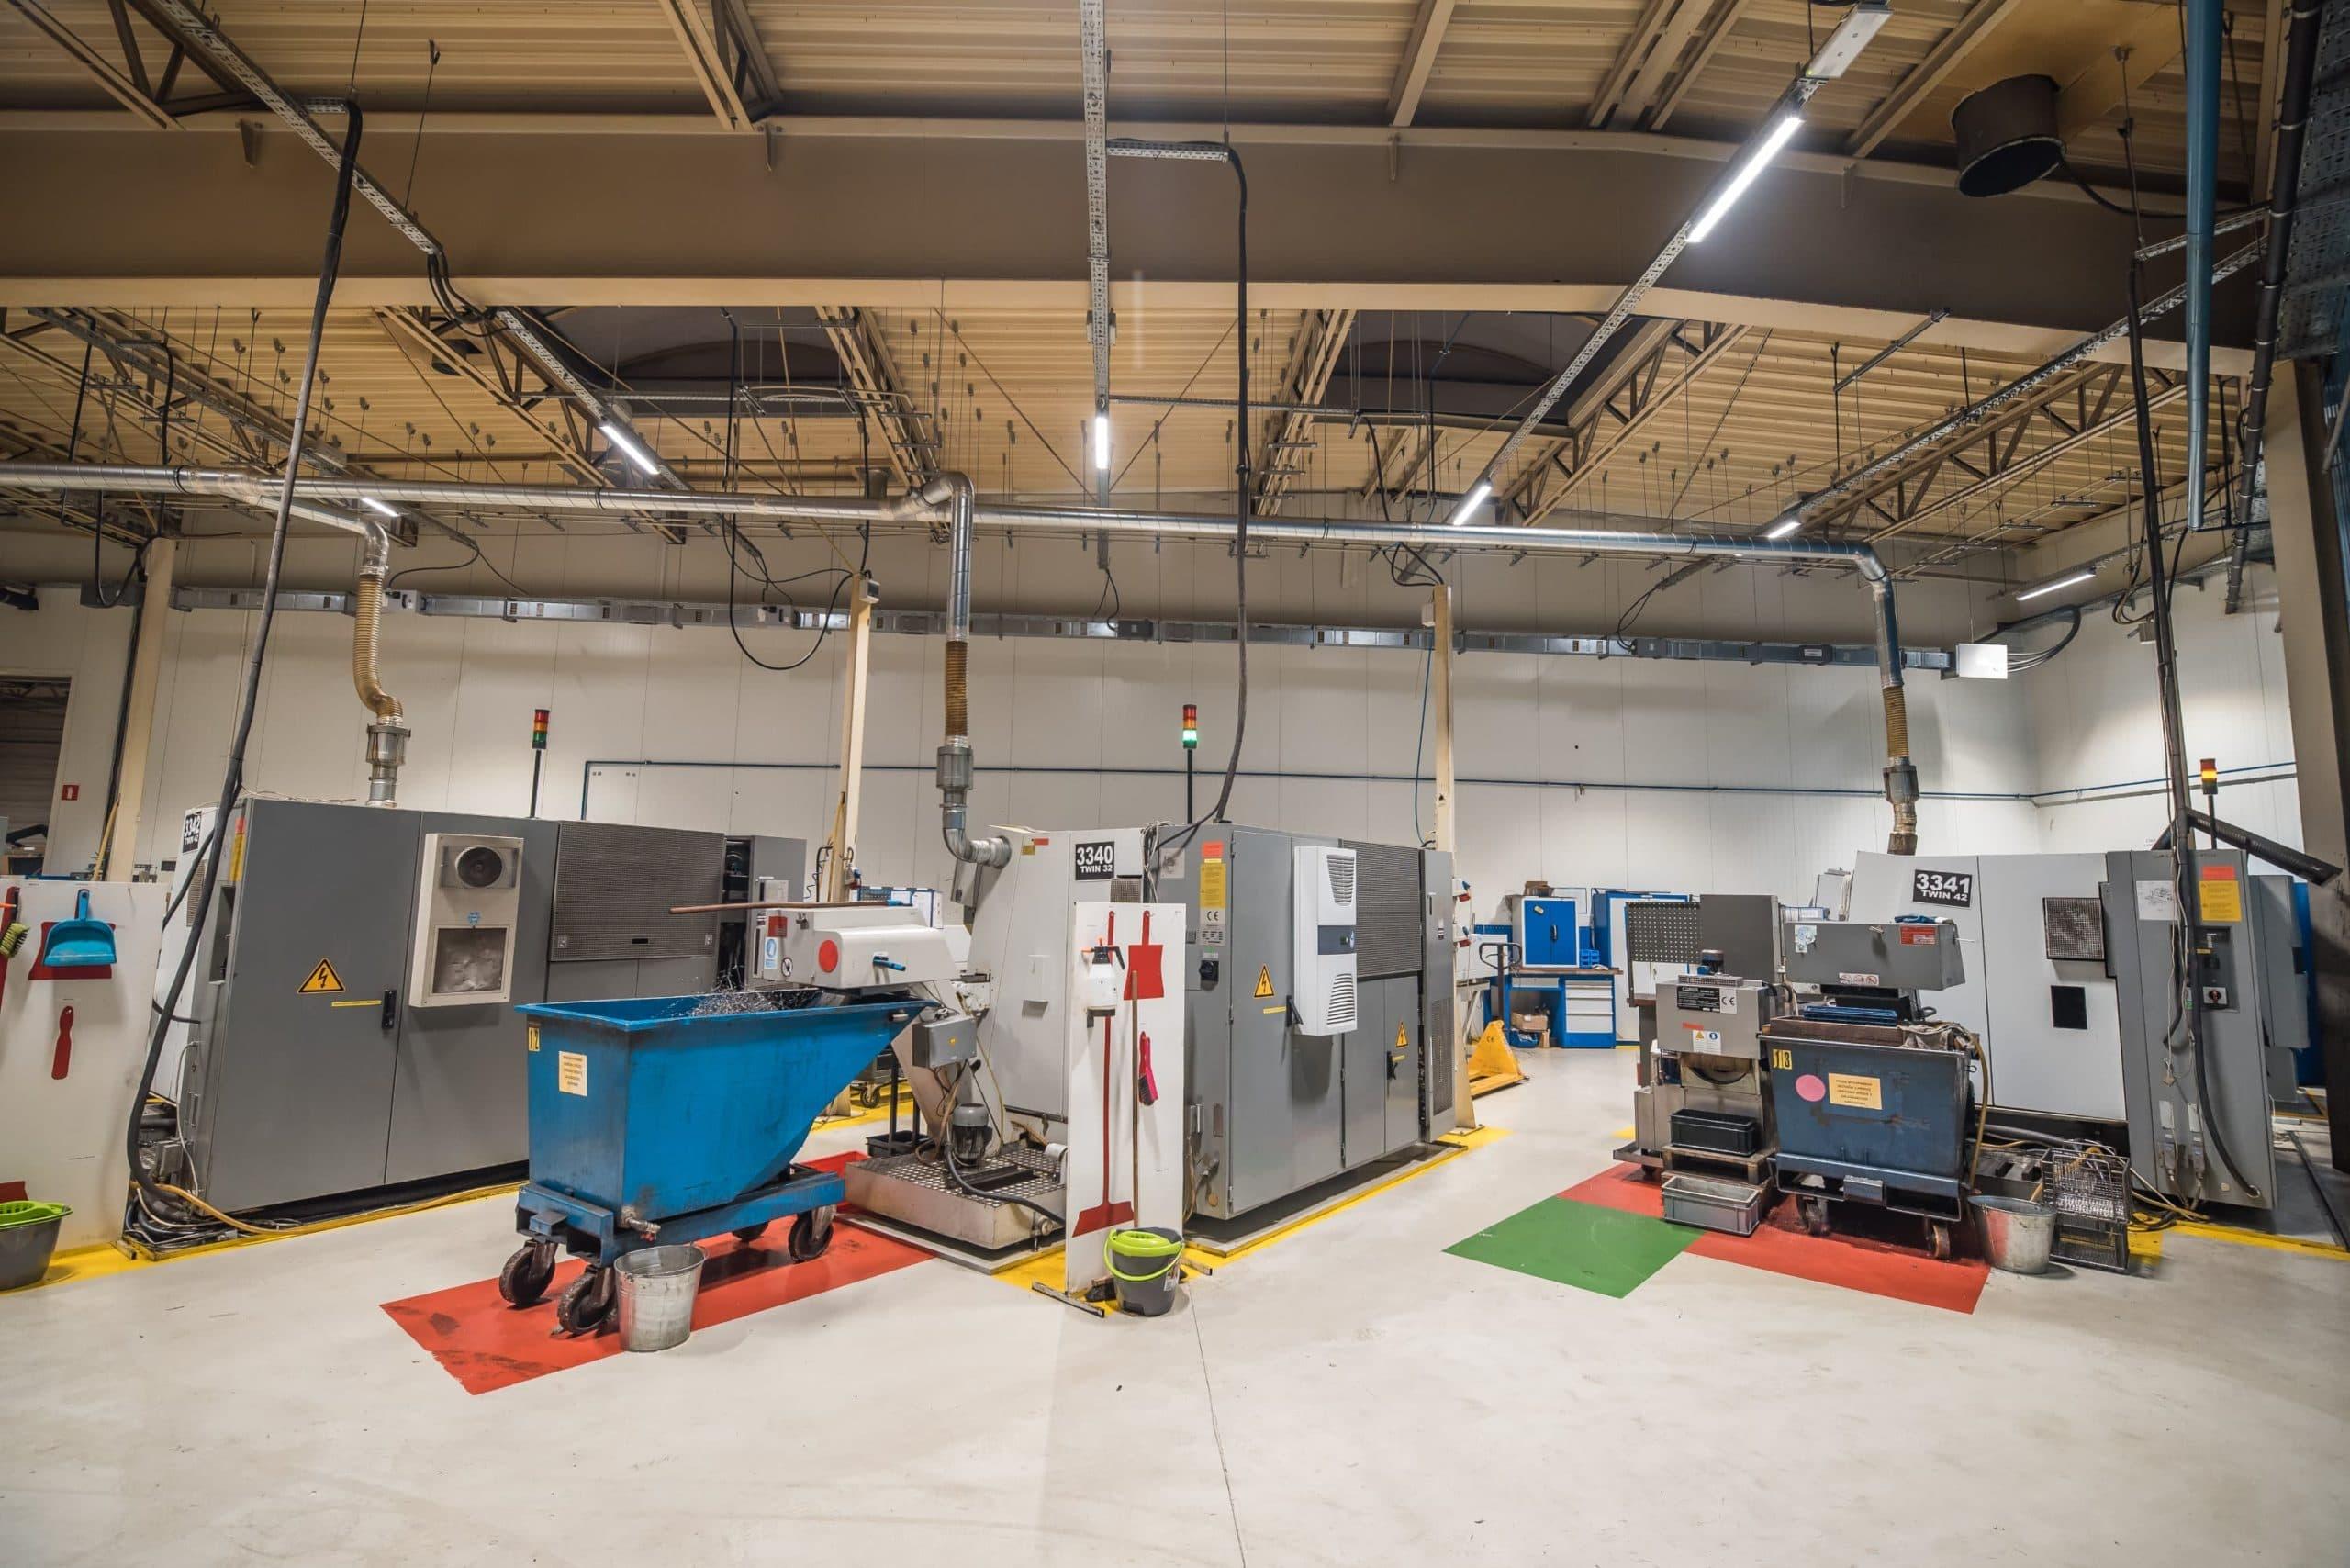 Oprawy przemysłowe Industrial w zakładzie Produkcyjnym firmy Broen - Luxon LED